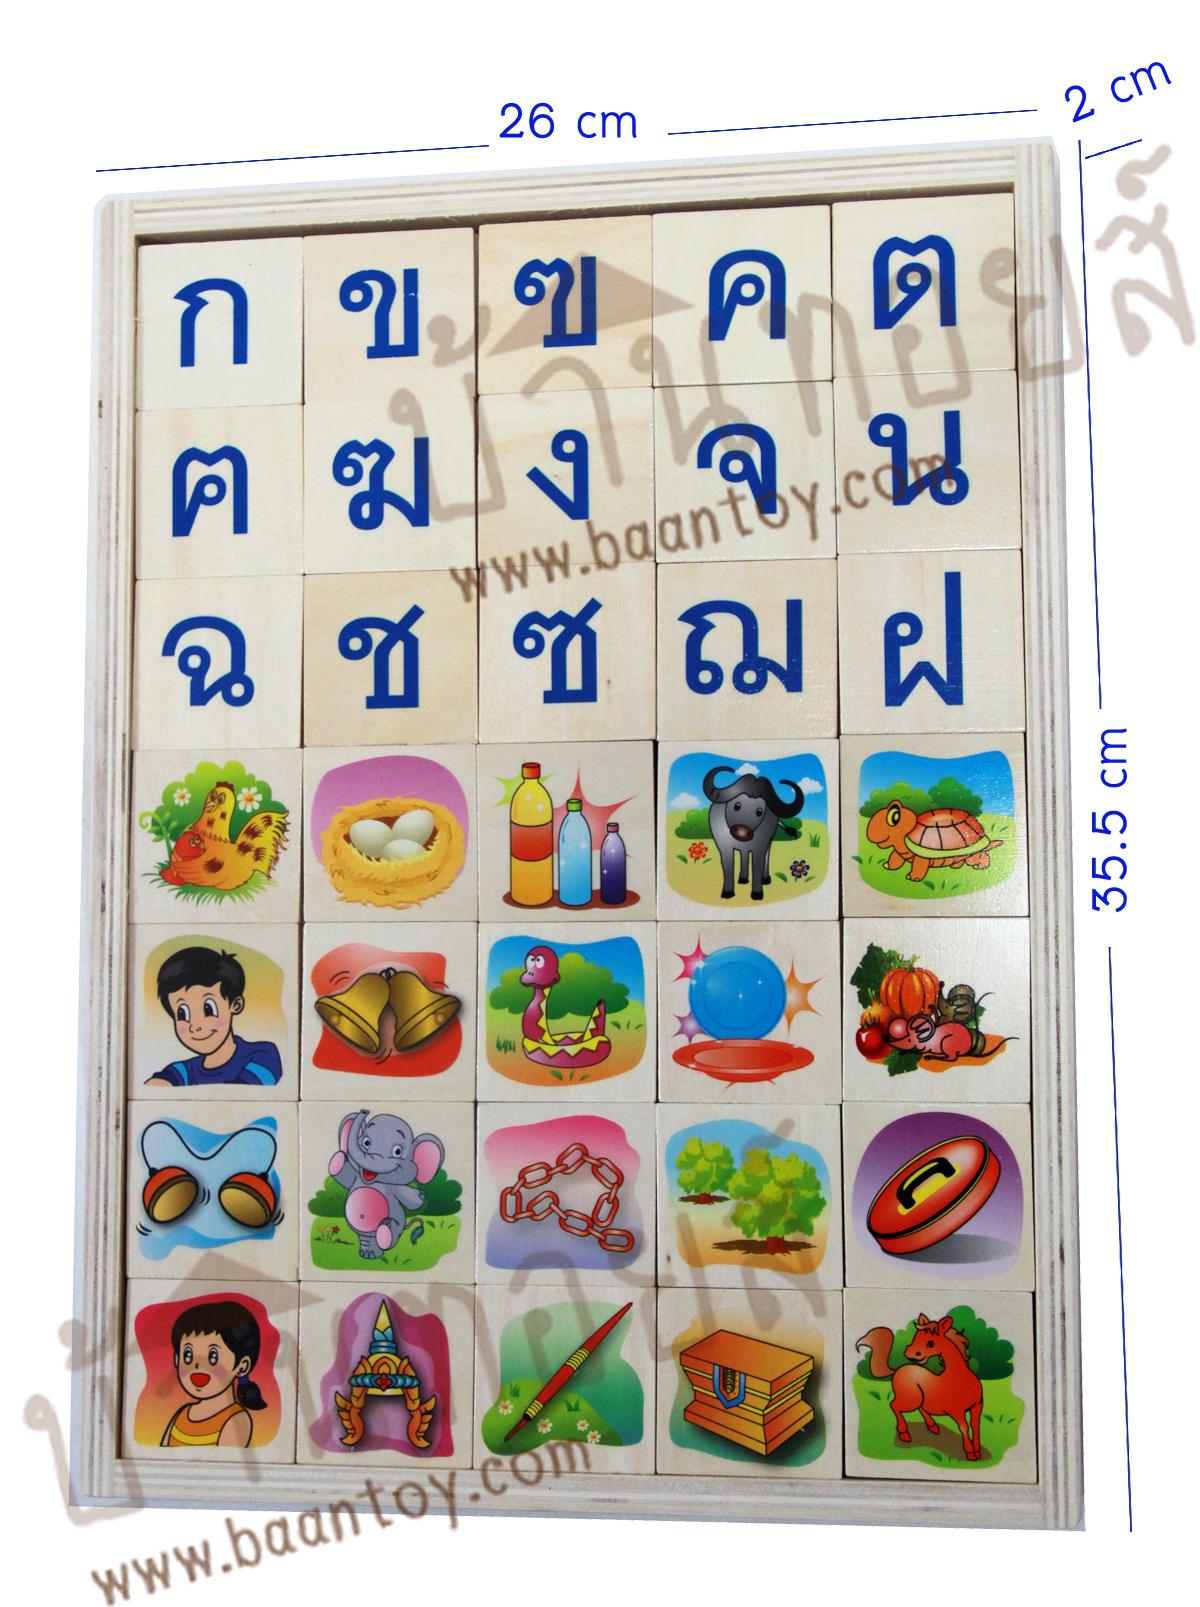 บล็อกไม้ ก-ฮ บล็อกภาษาไทย ของเล่นไม้ ของเล่นเสริมพัฒนาการ ของเล่นเสริมทักษะ ของเล่นเด็ก